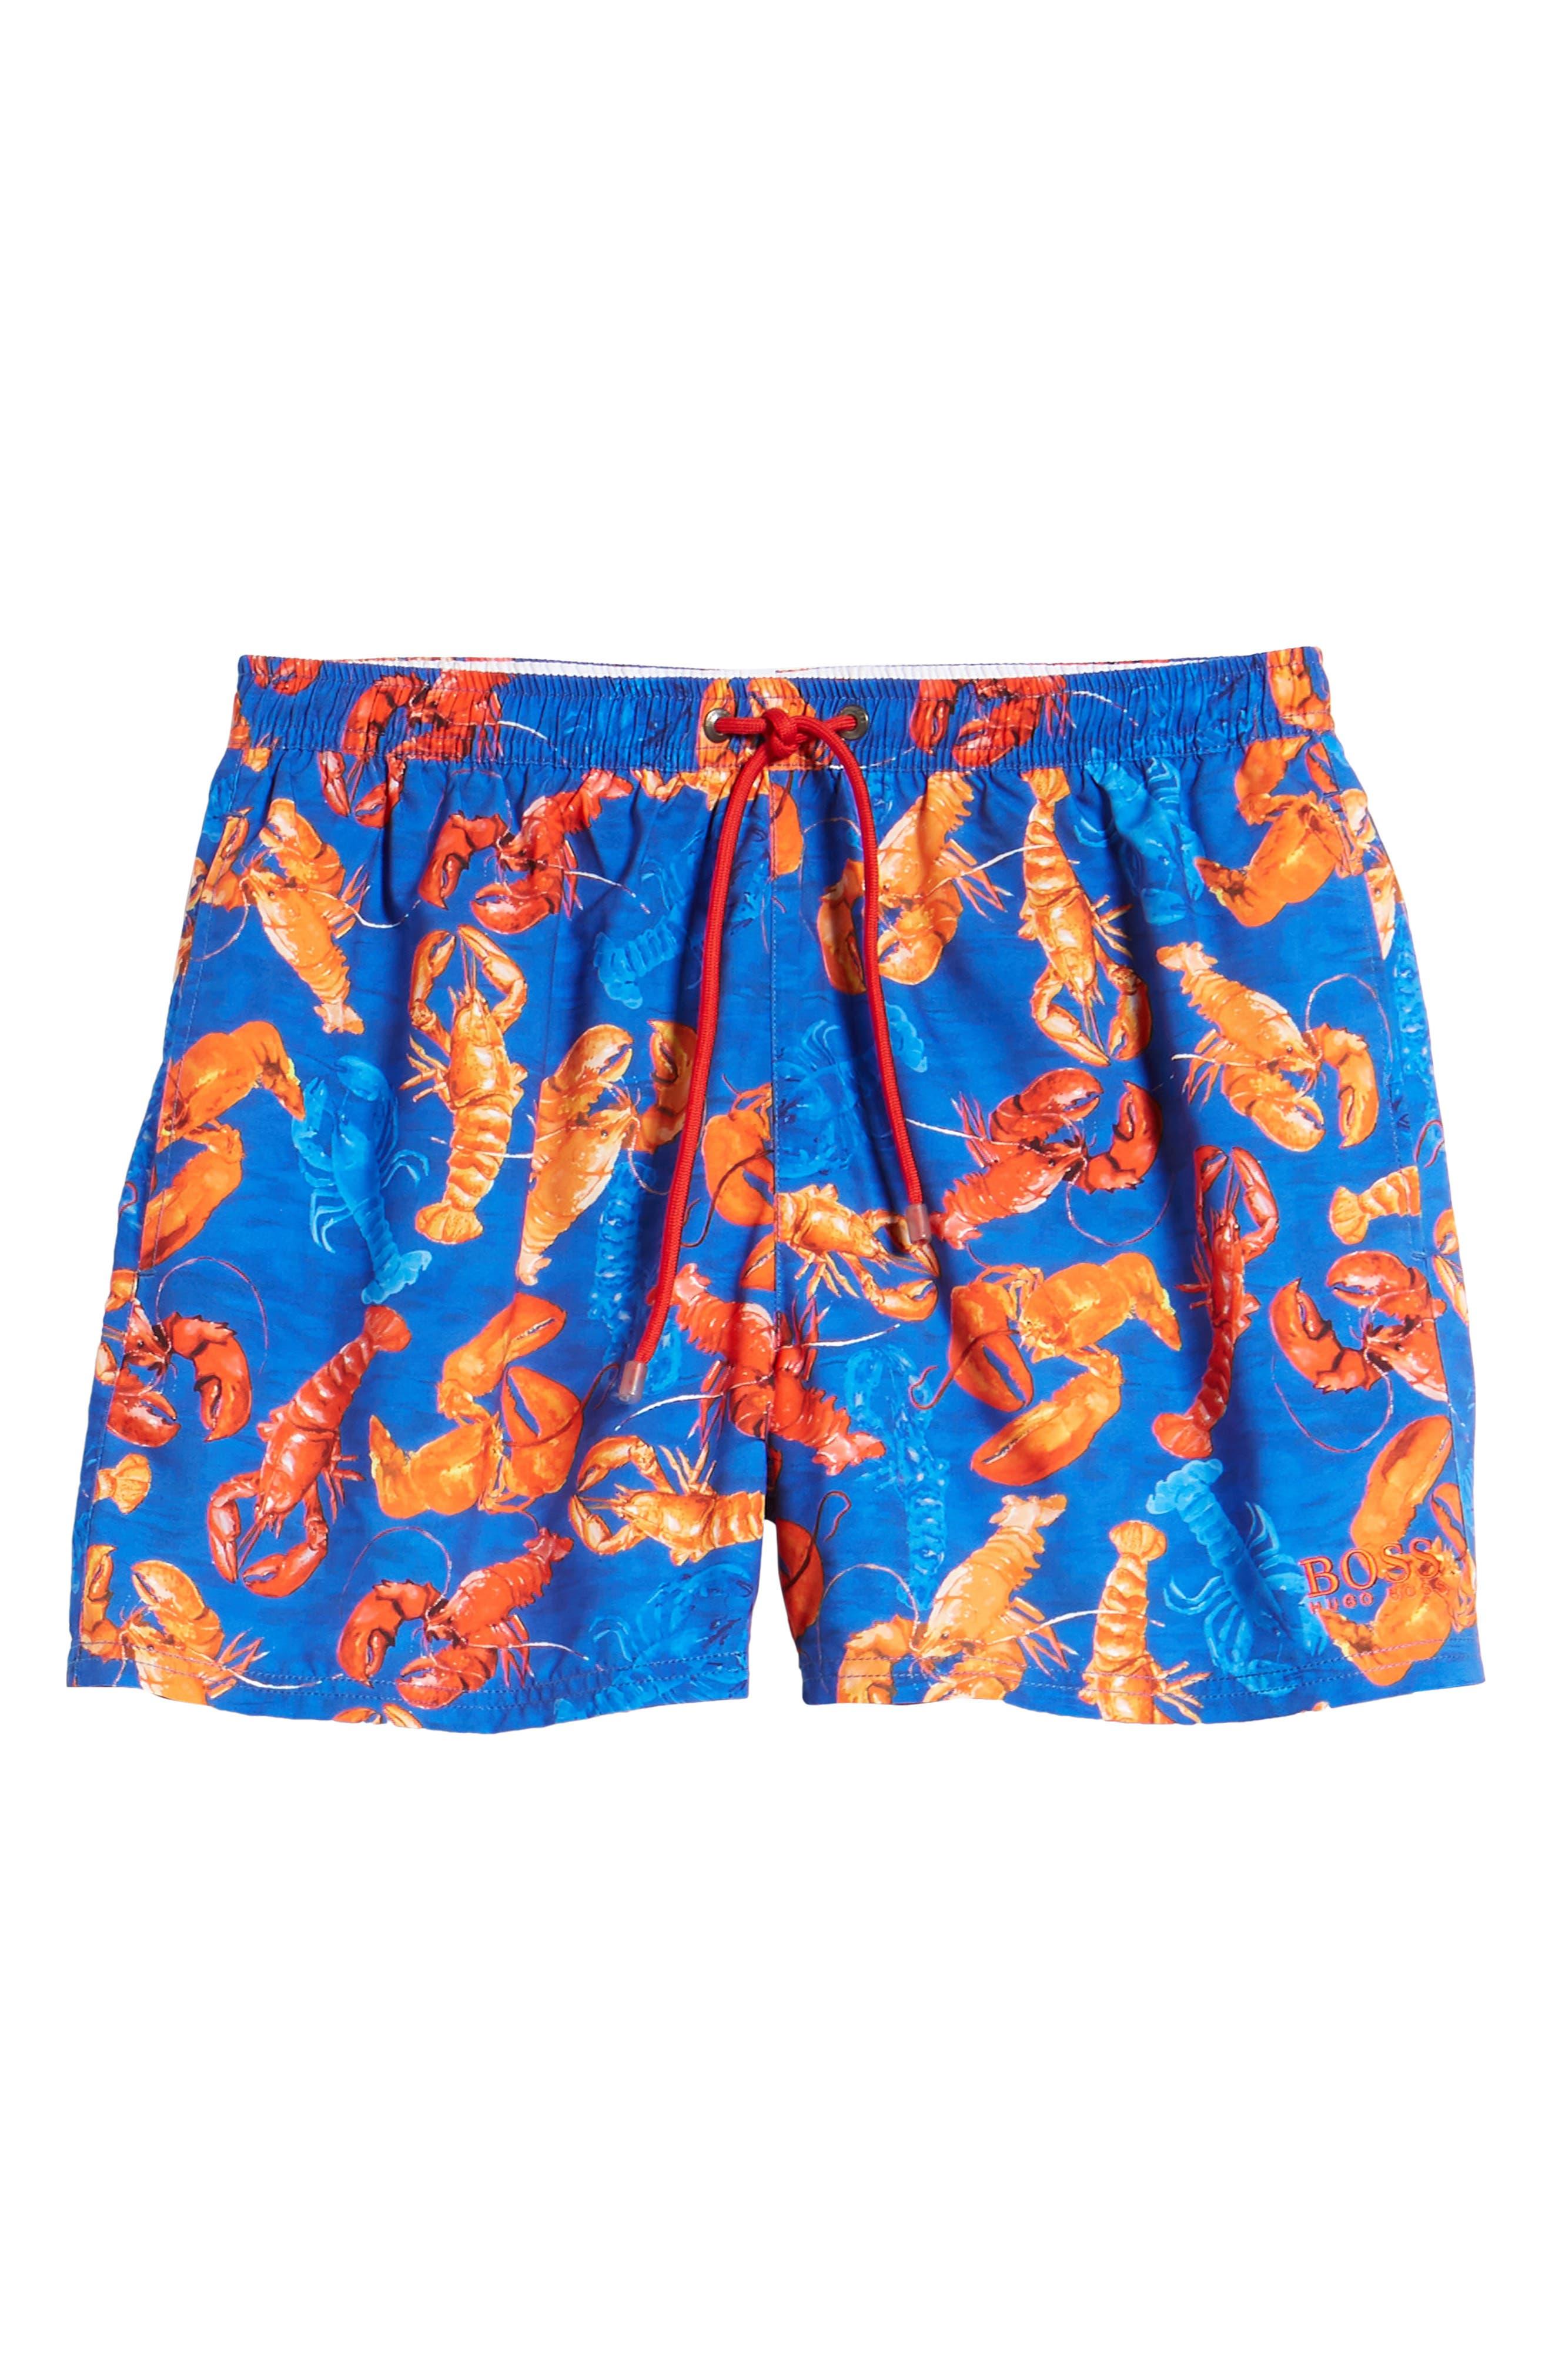 BOSS,                             Piranha Lobster Swim Trunks,                             Alternate thumbnail 6, color,                             460